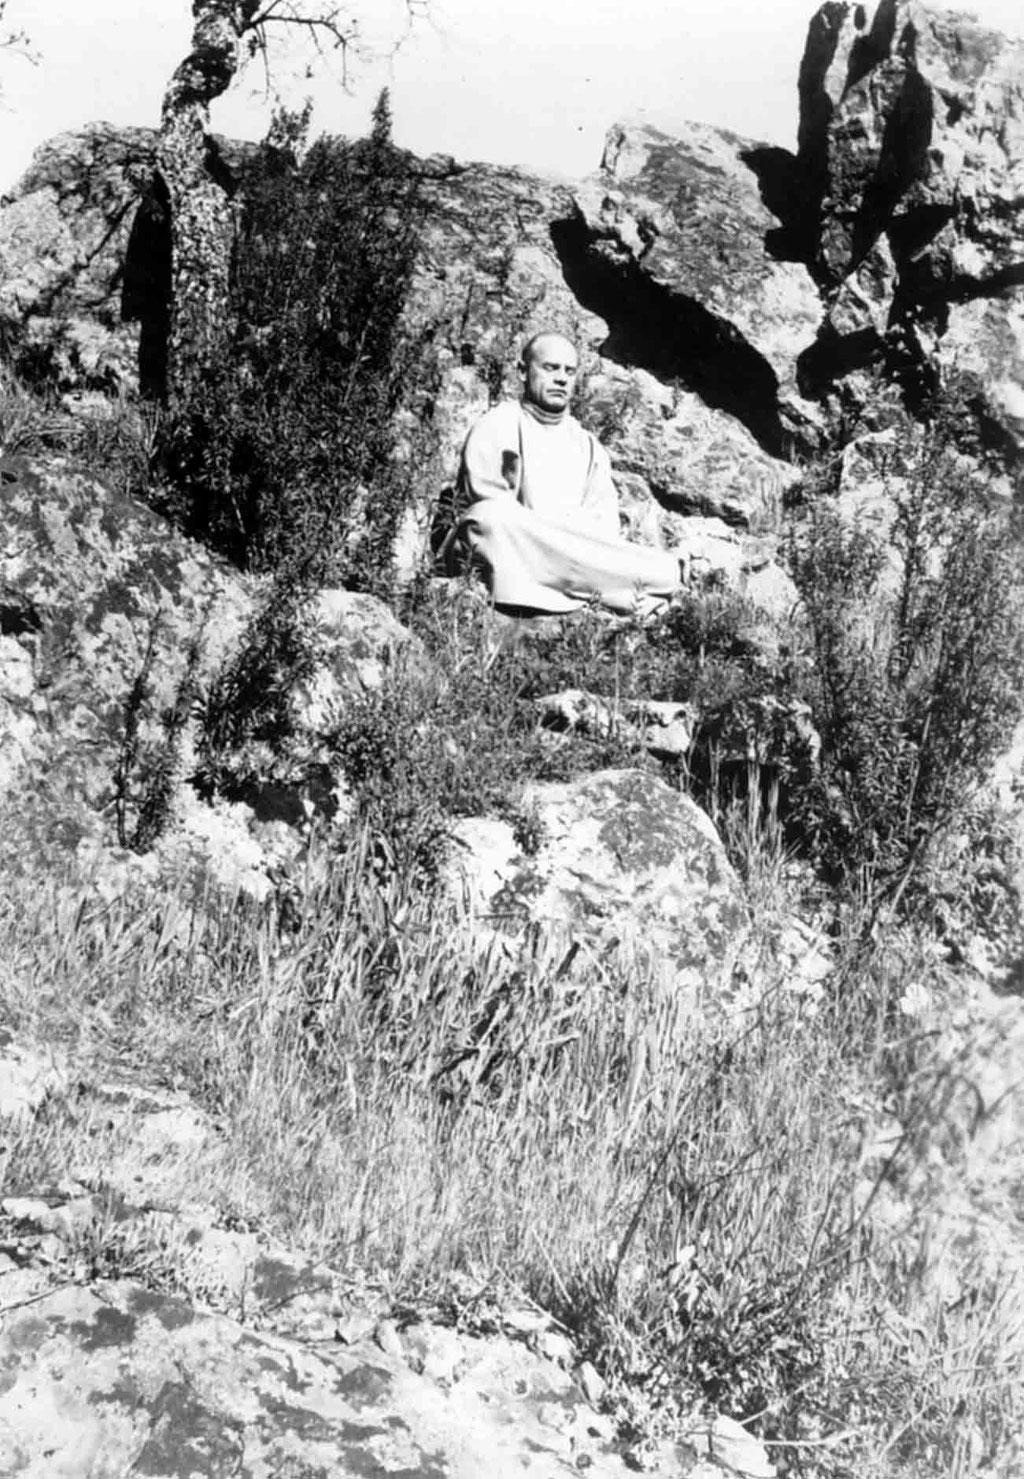 Francis meditating in Australia. Photo courtesy of M. LePage & C. Borg.